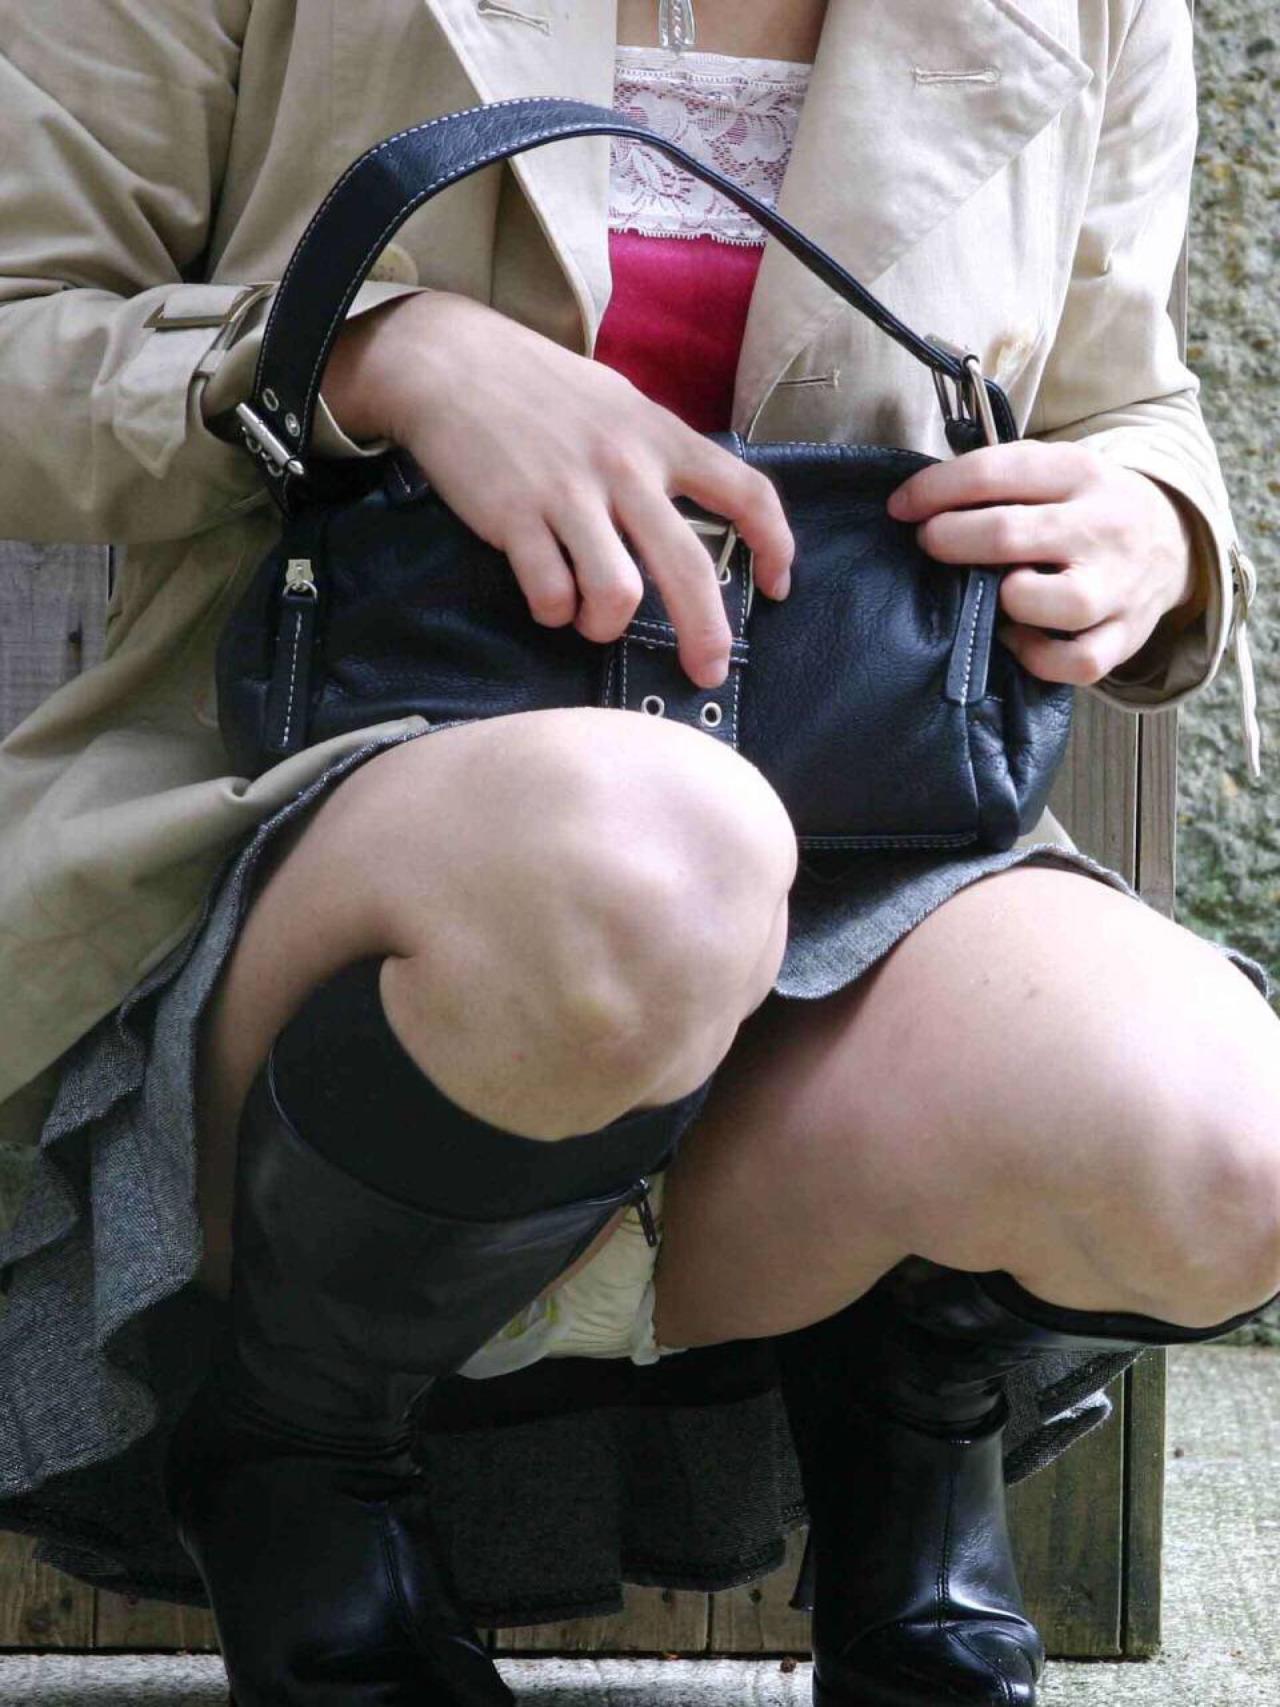 【パンチラ画像】その奥には貴重な…座ると出し惜しみのないミニスカパンチラwww 24